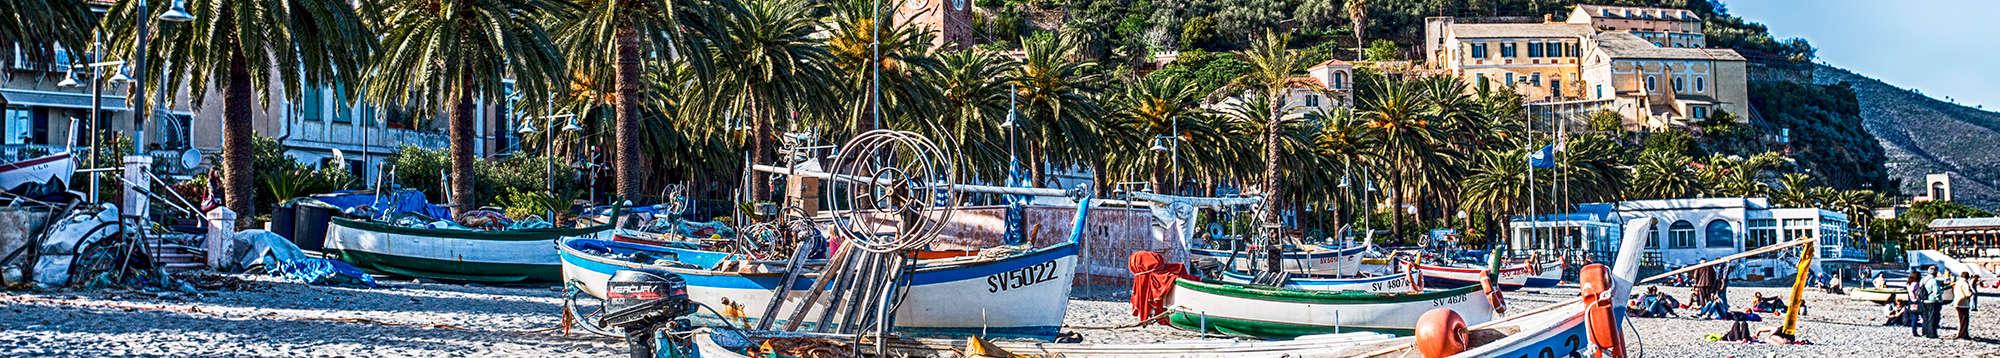 Week end e soggiorni nella Riviera di Ponente